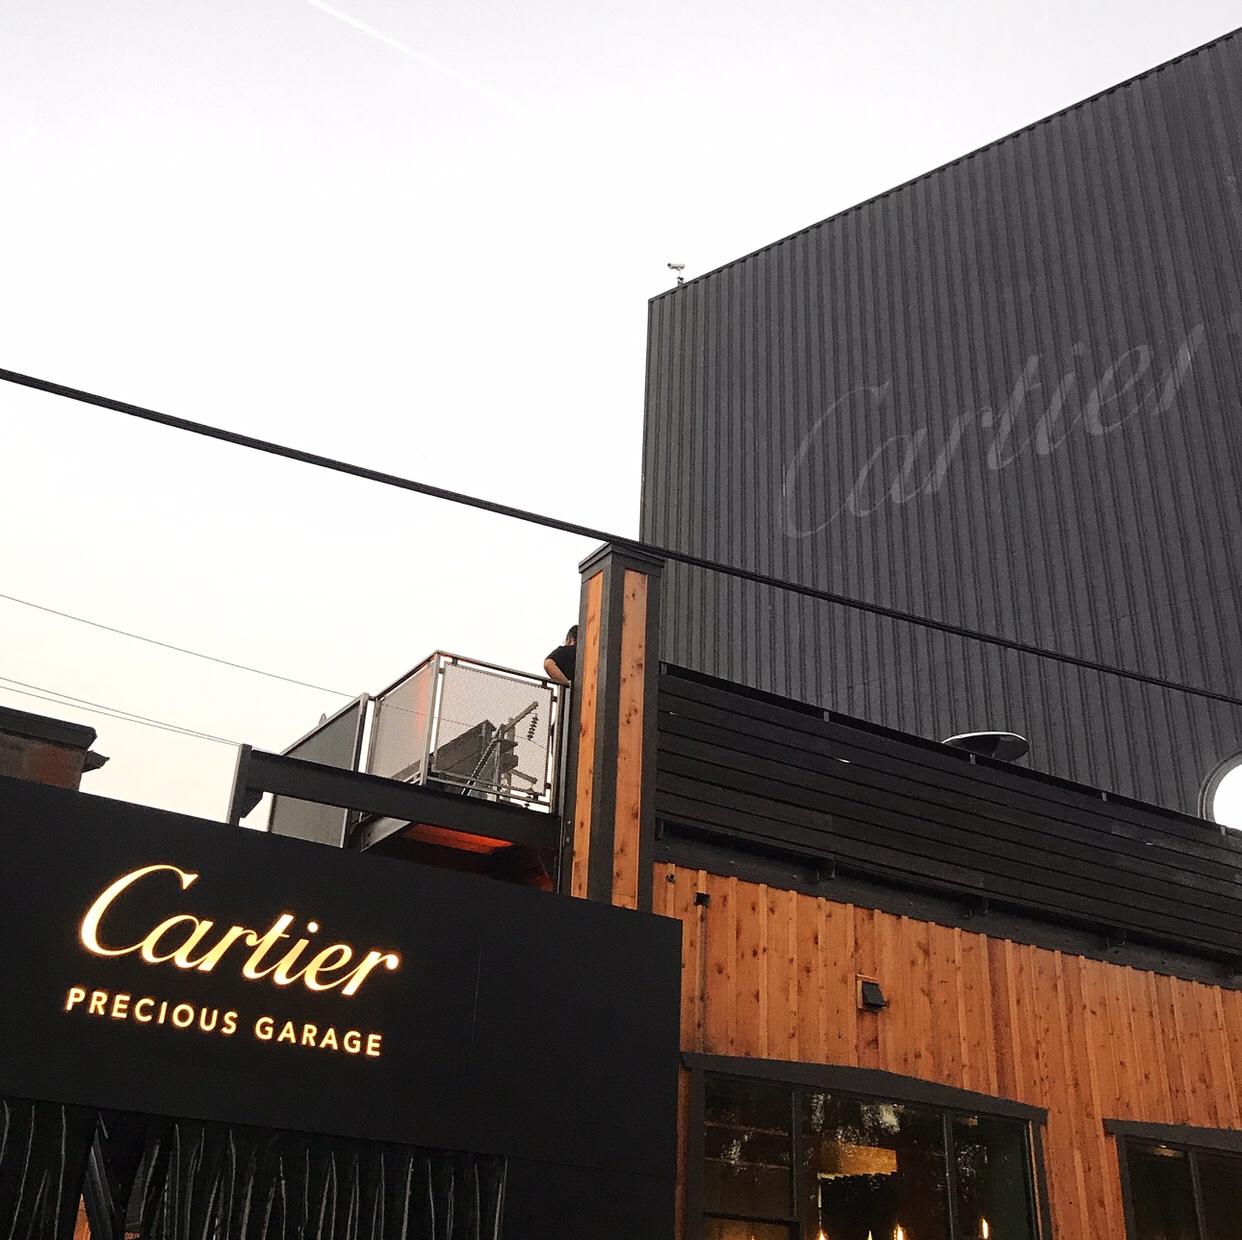 Cartier Precious Garage pop-up in Seattle